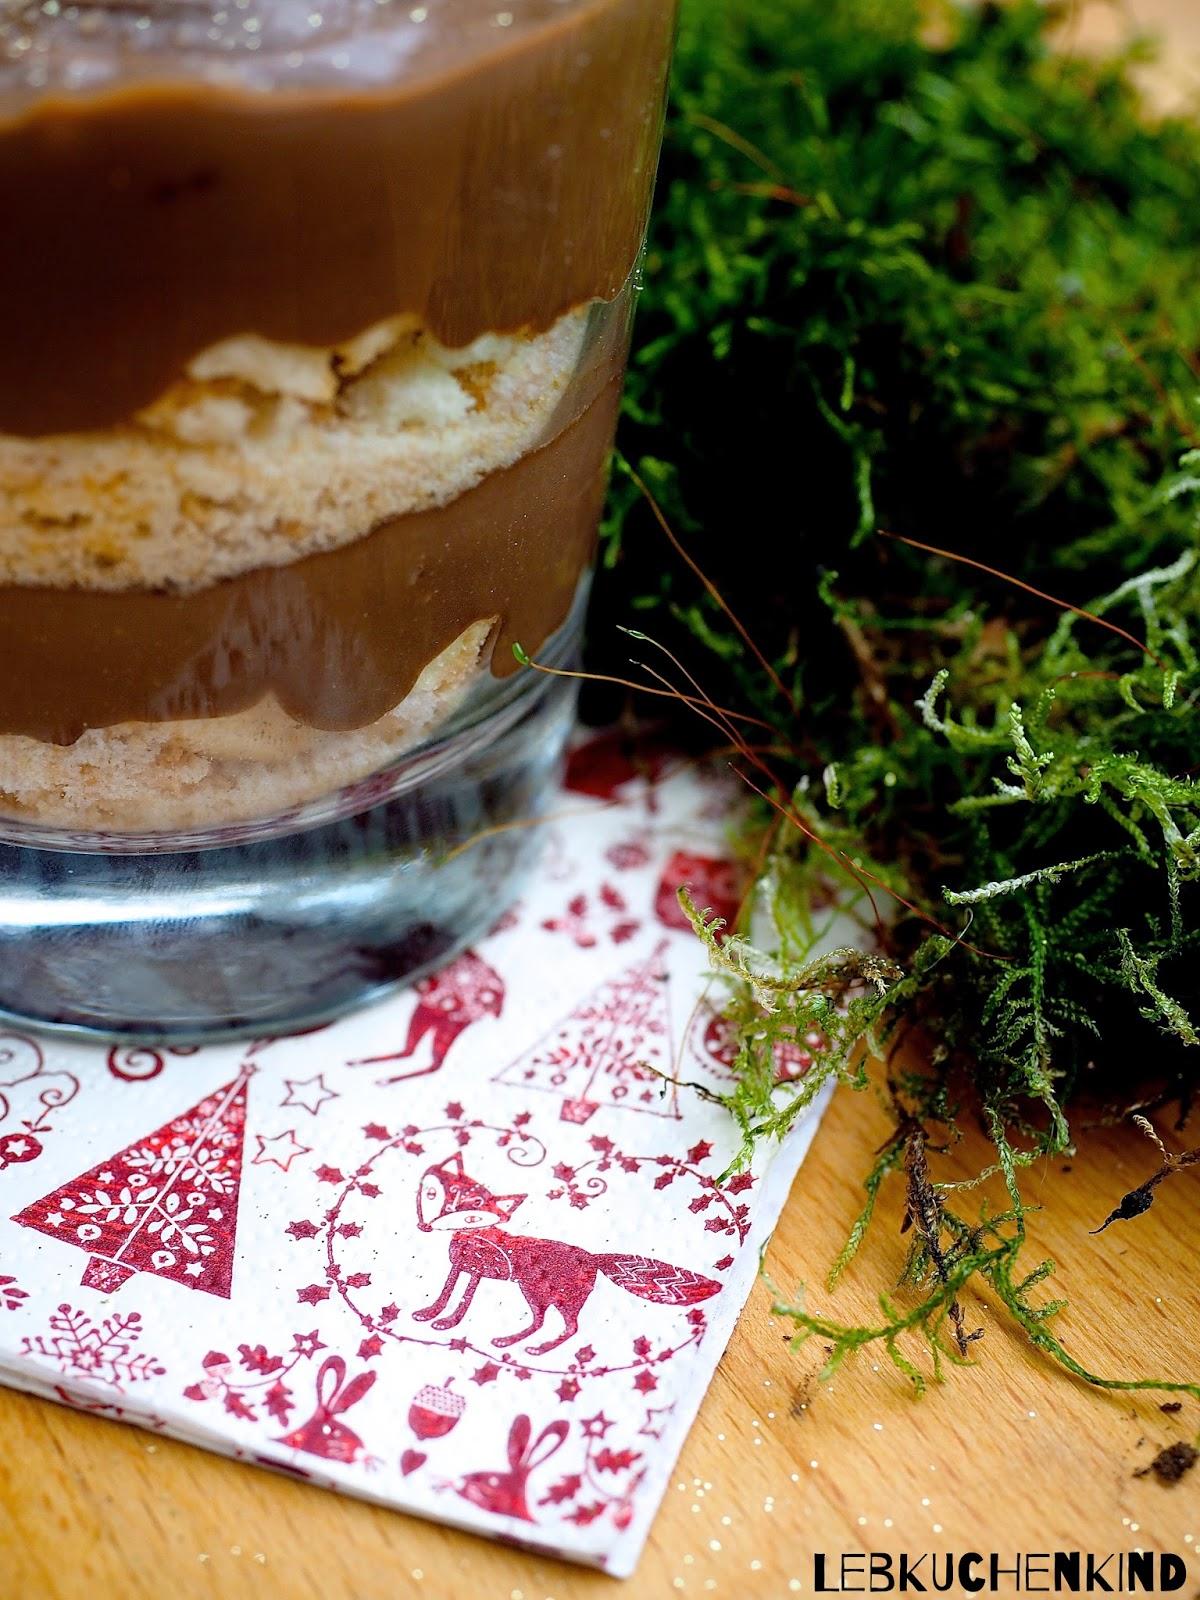 lebkuchenkind schnelles tiramisu dessert im glas. Black Bedroom Furniture Sets. Home Design Ideas